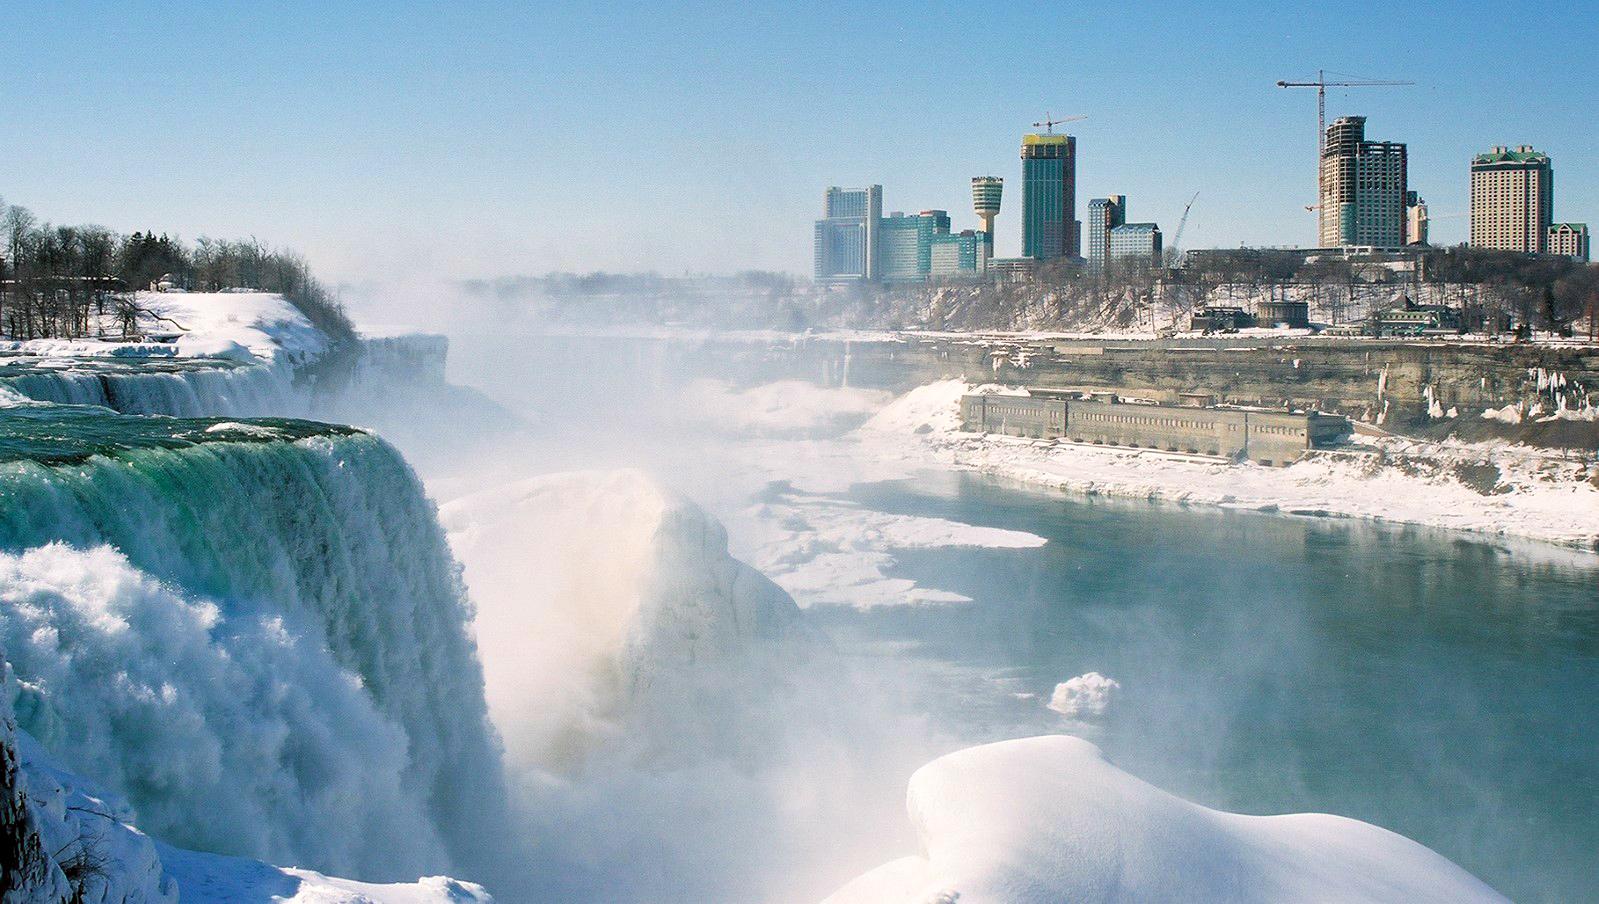 Guía de viajes a Canada, Visa a Canadá, Visado a Canadá canadá - 32354106935 e69a9fa5b5 o - Guía de viajes y visa para Canadá